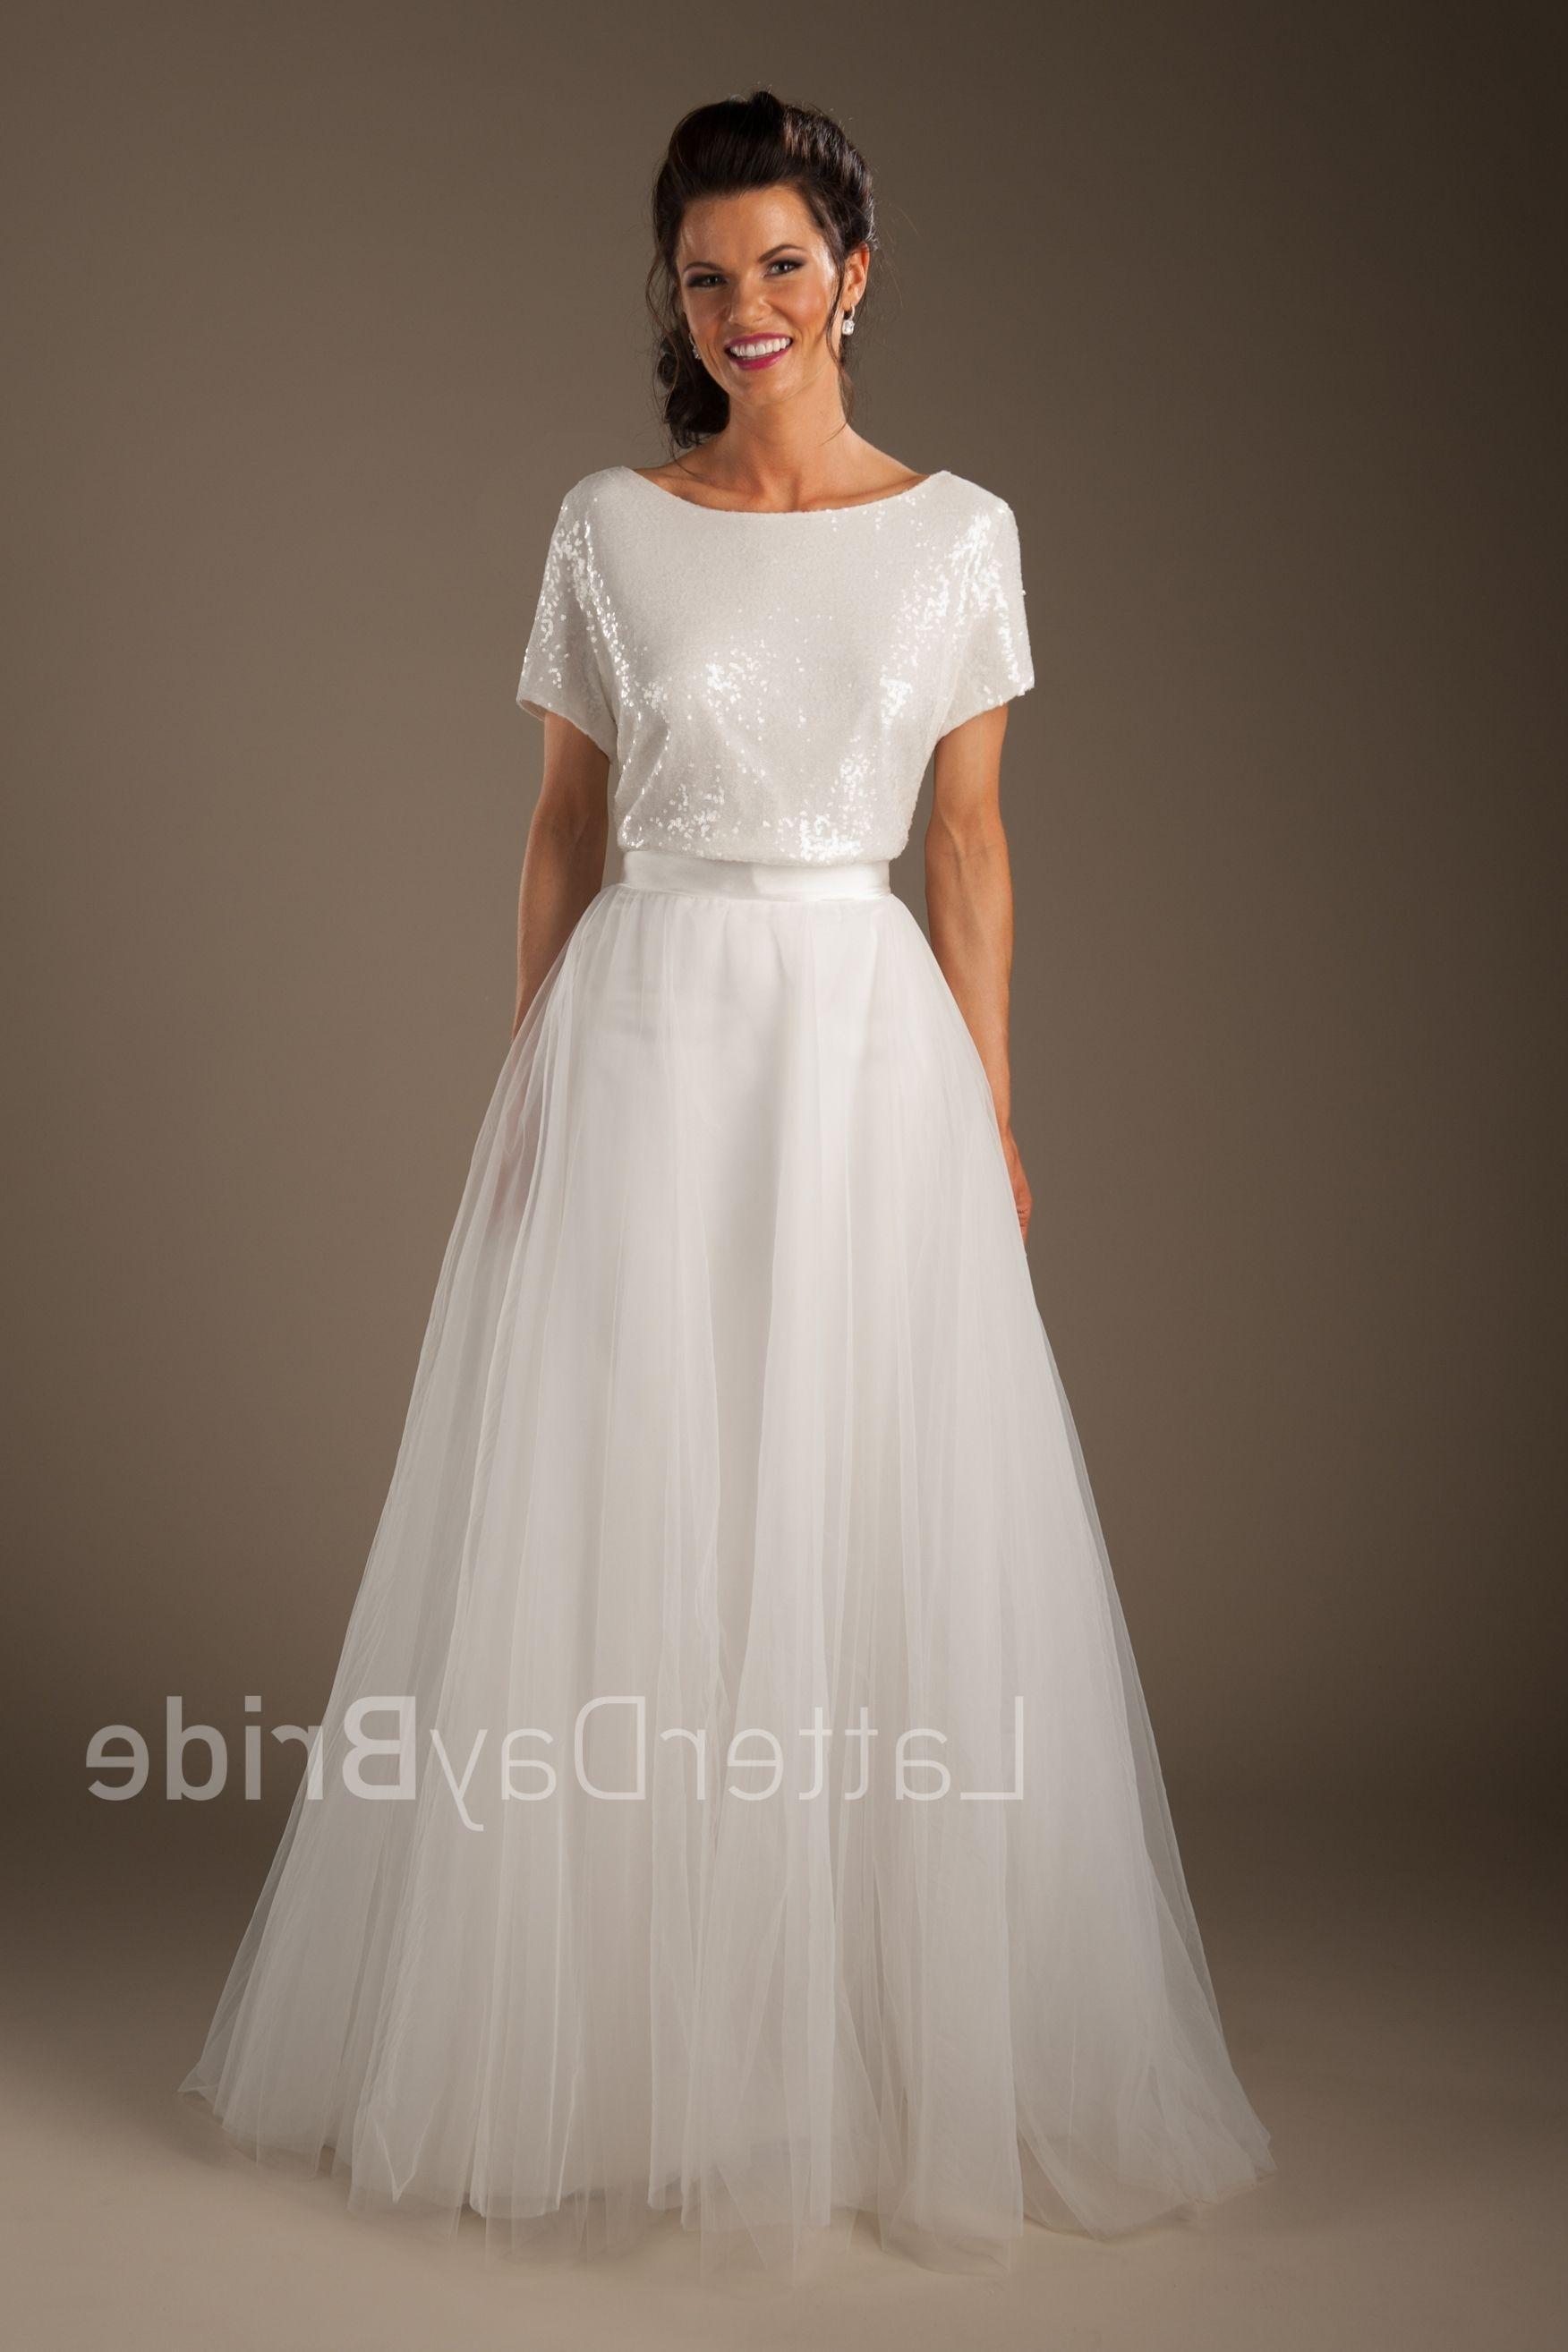 Wedding Dresses Modest Lds | Wedding Dress | Pinterest | Wedding ...